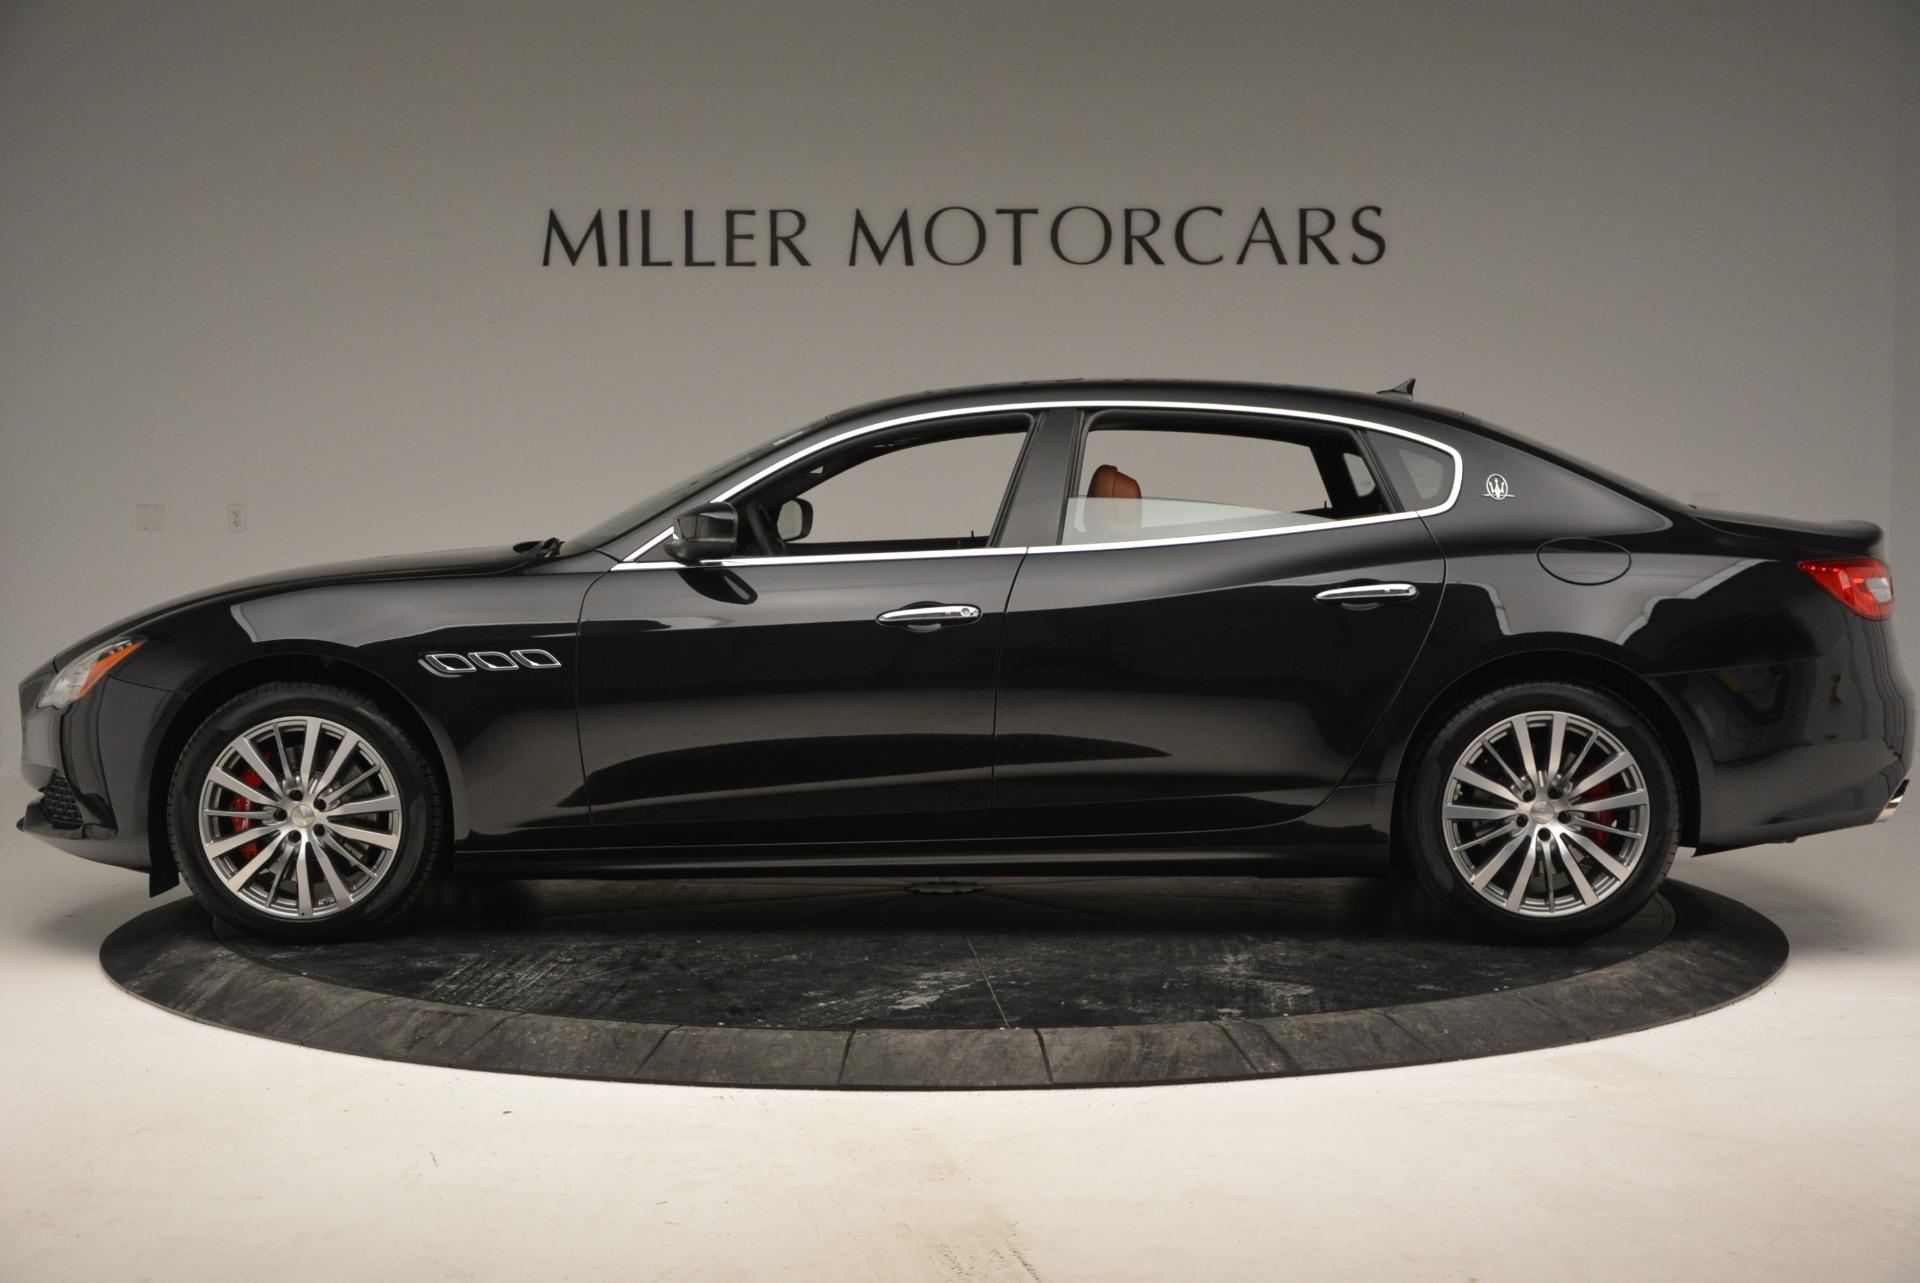 New 2018 Maserati Quattroporte S Q4 For Sale In Westport, CT 2091_p3